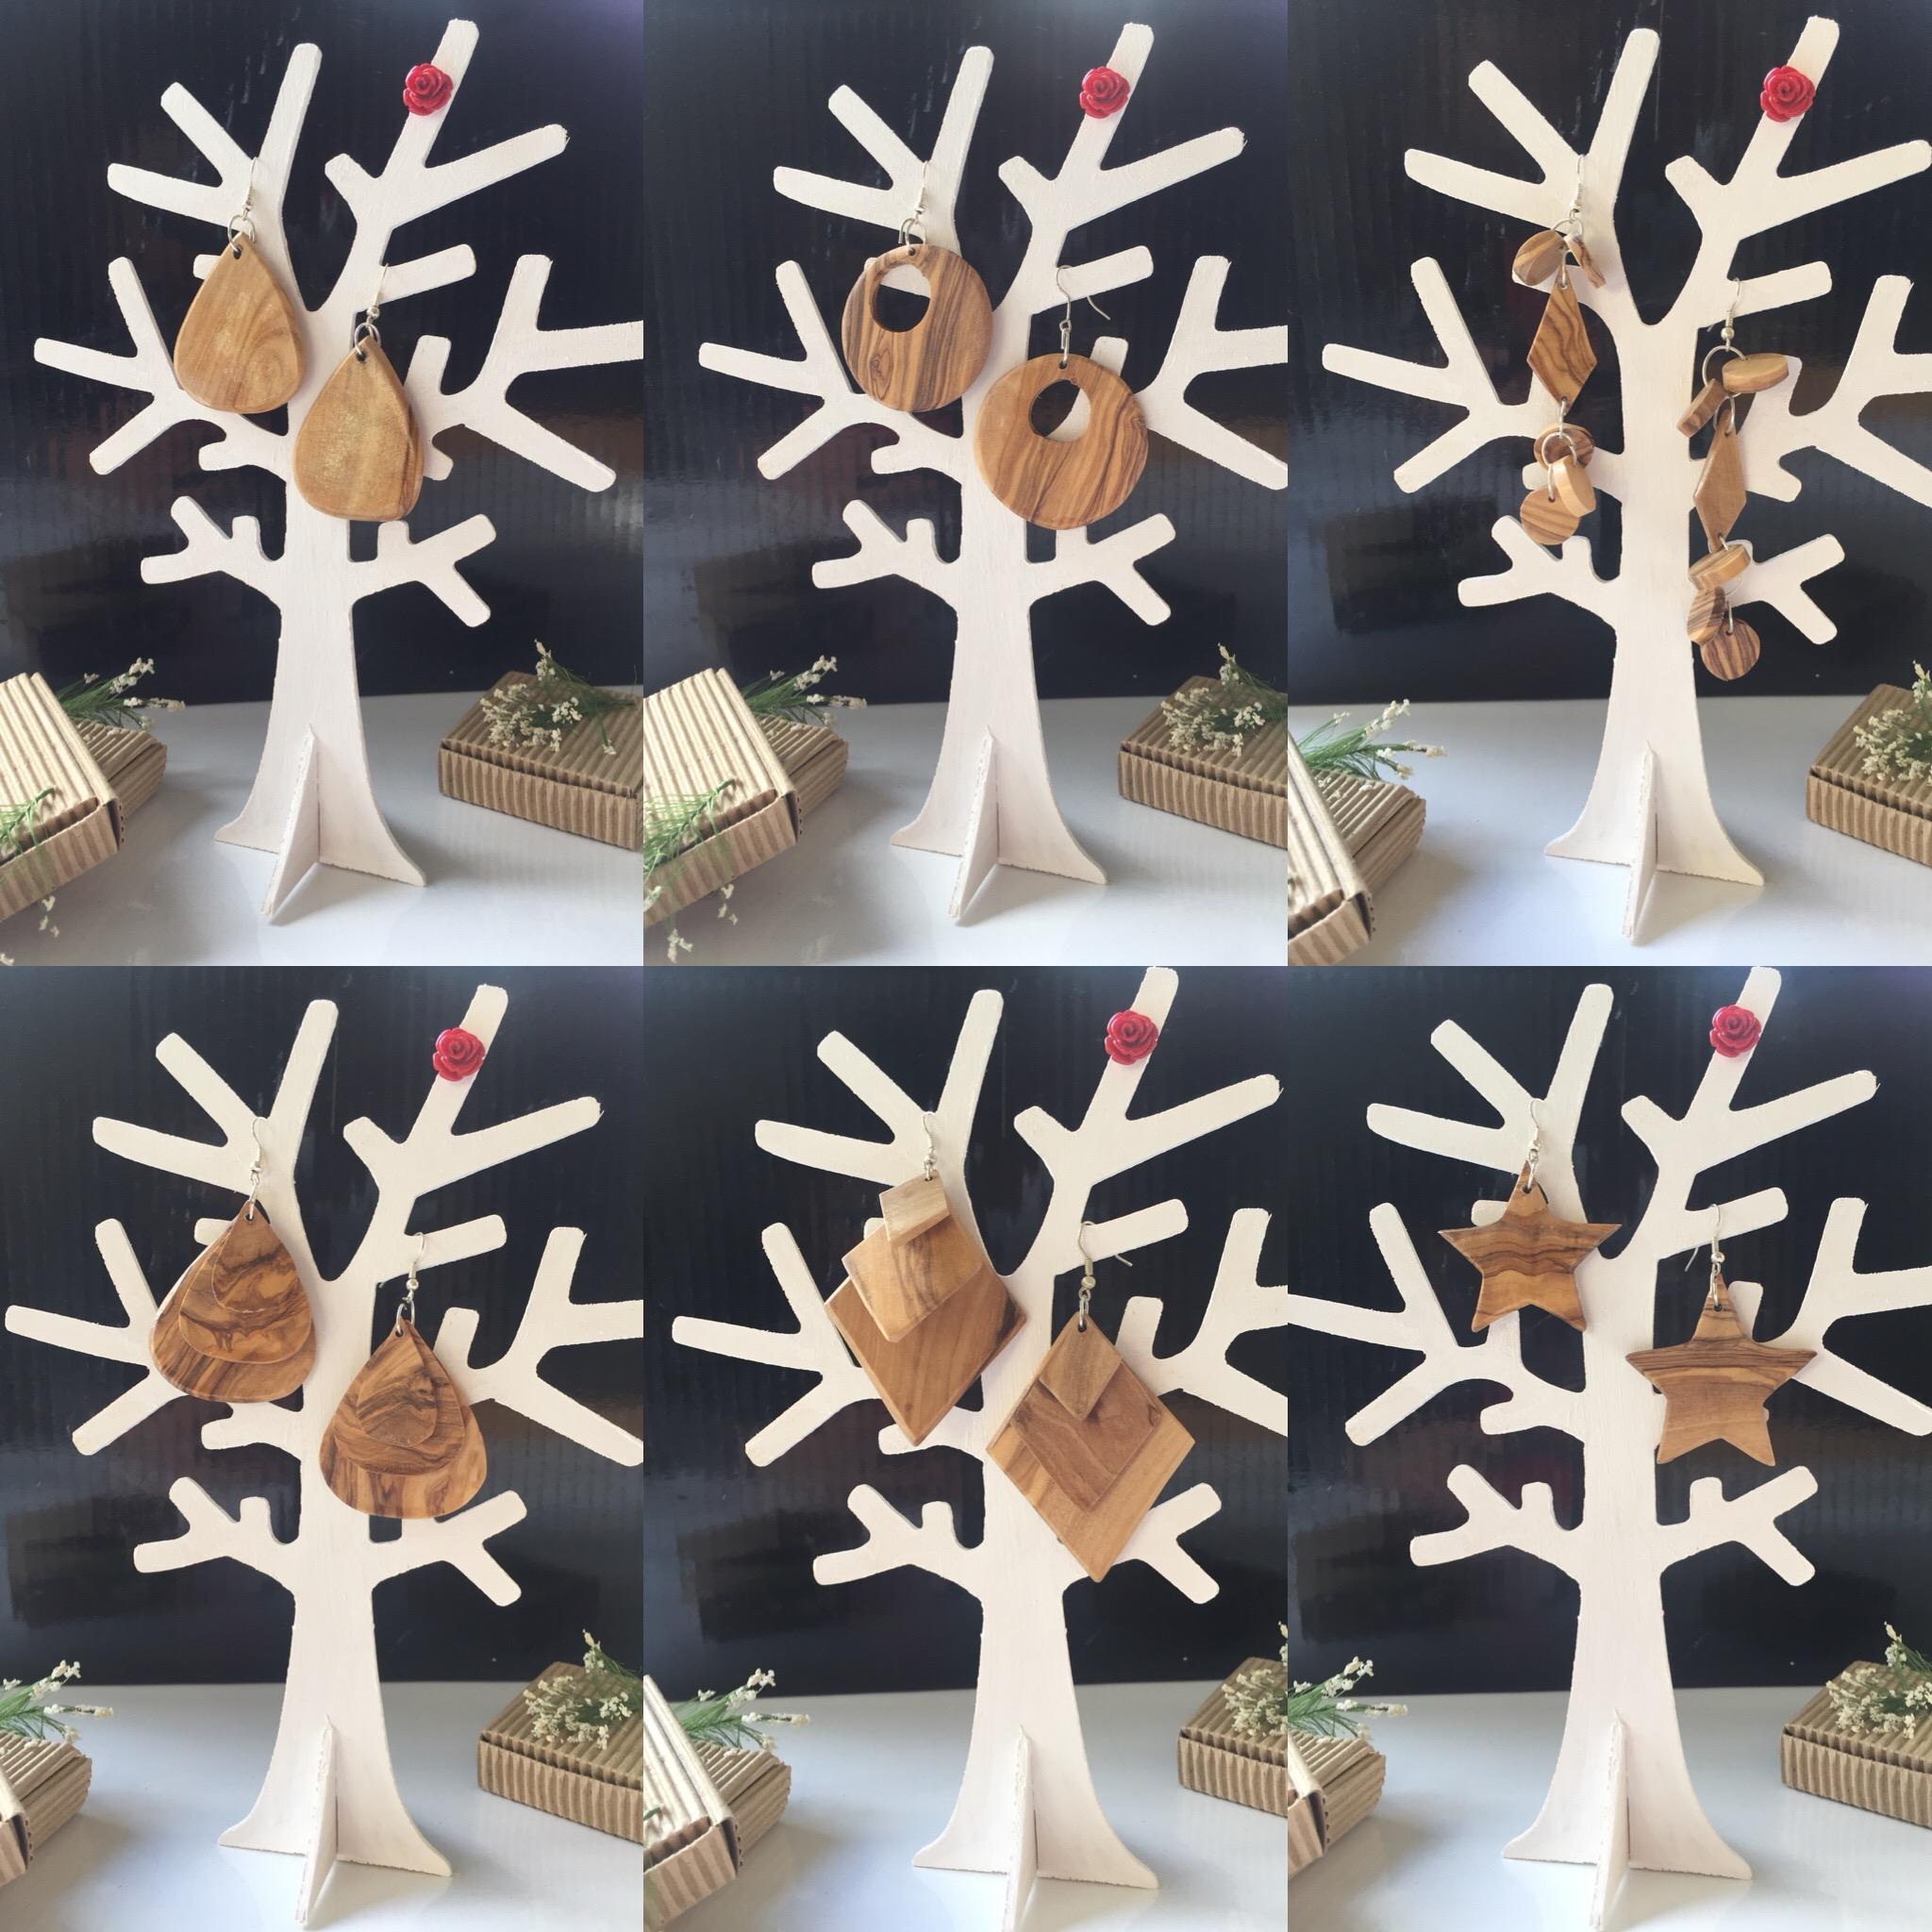 Boucles-d-oreilles-atelier-corknoz-jouet-bomo-idees-cadeaux-anniversaire-fetes-des-meres-saint-valentin-noel-se-faire-plaisir